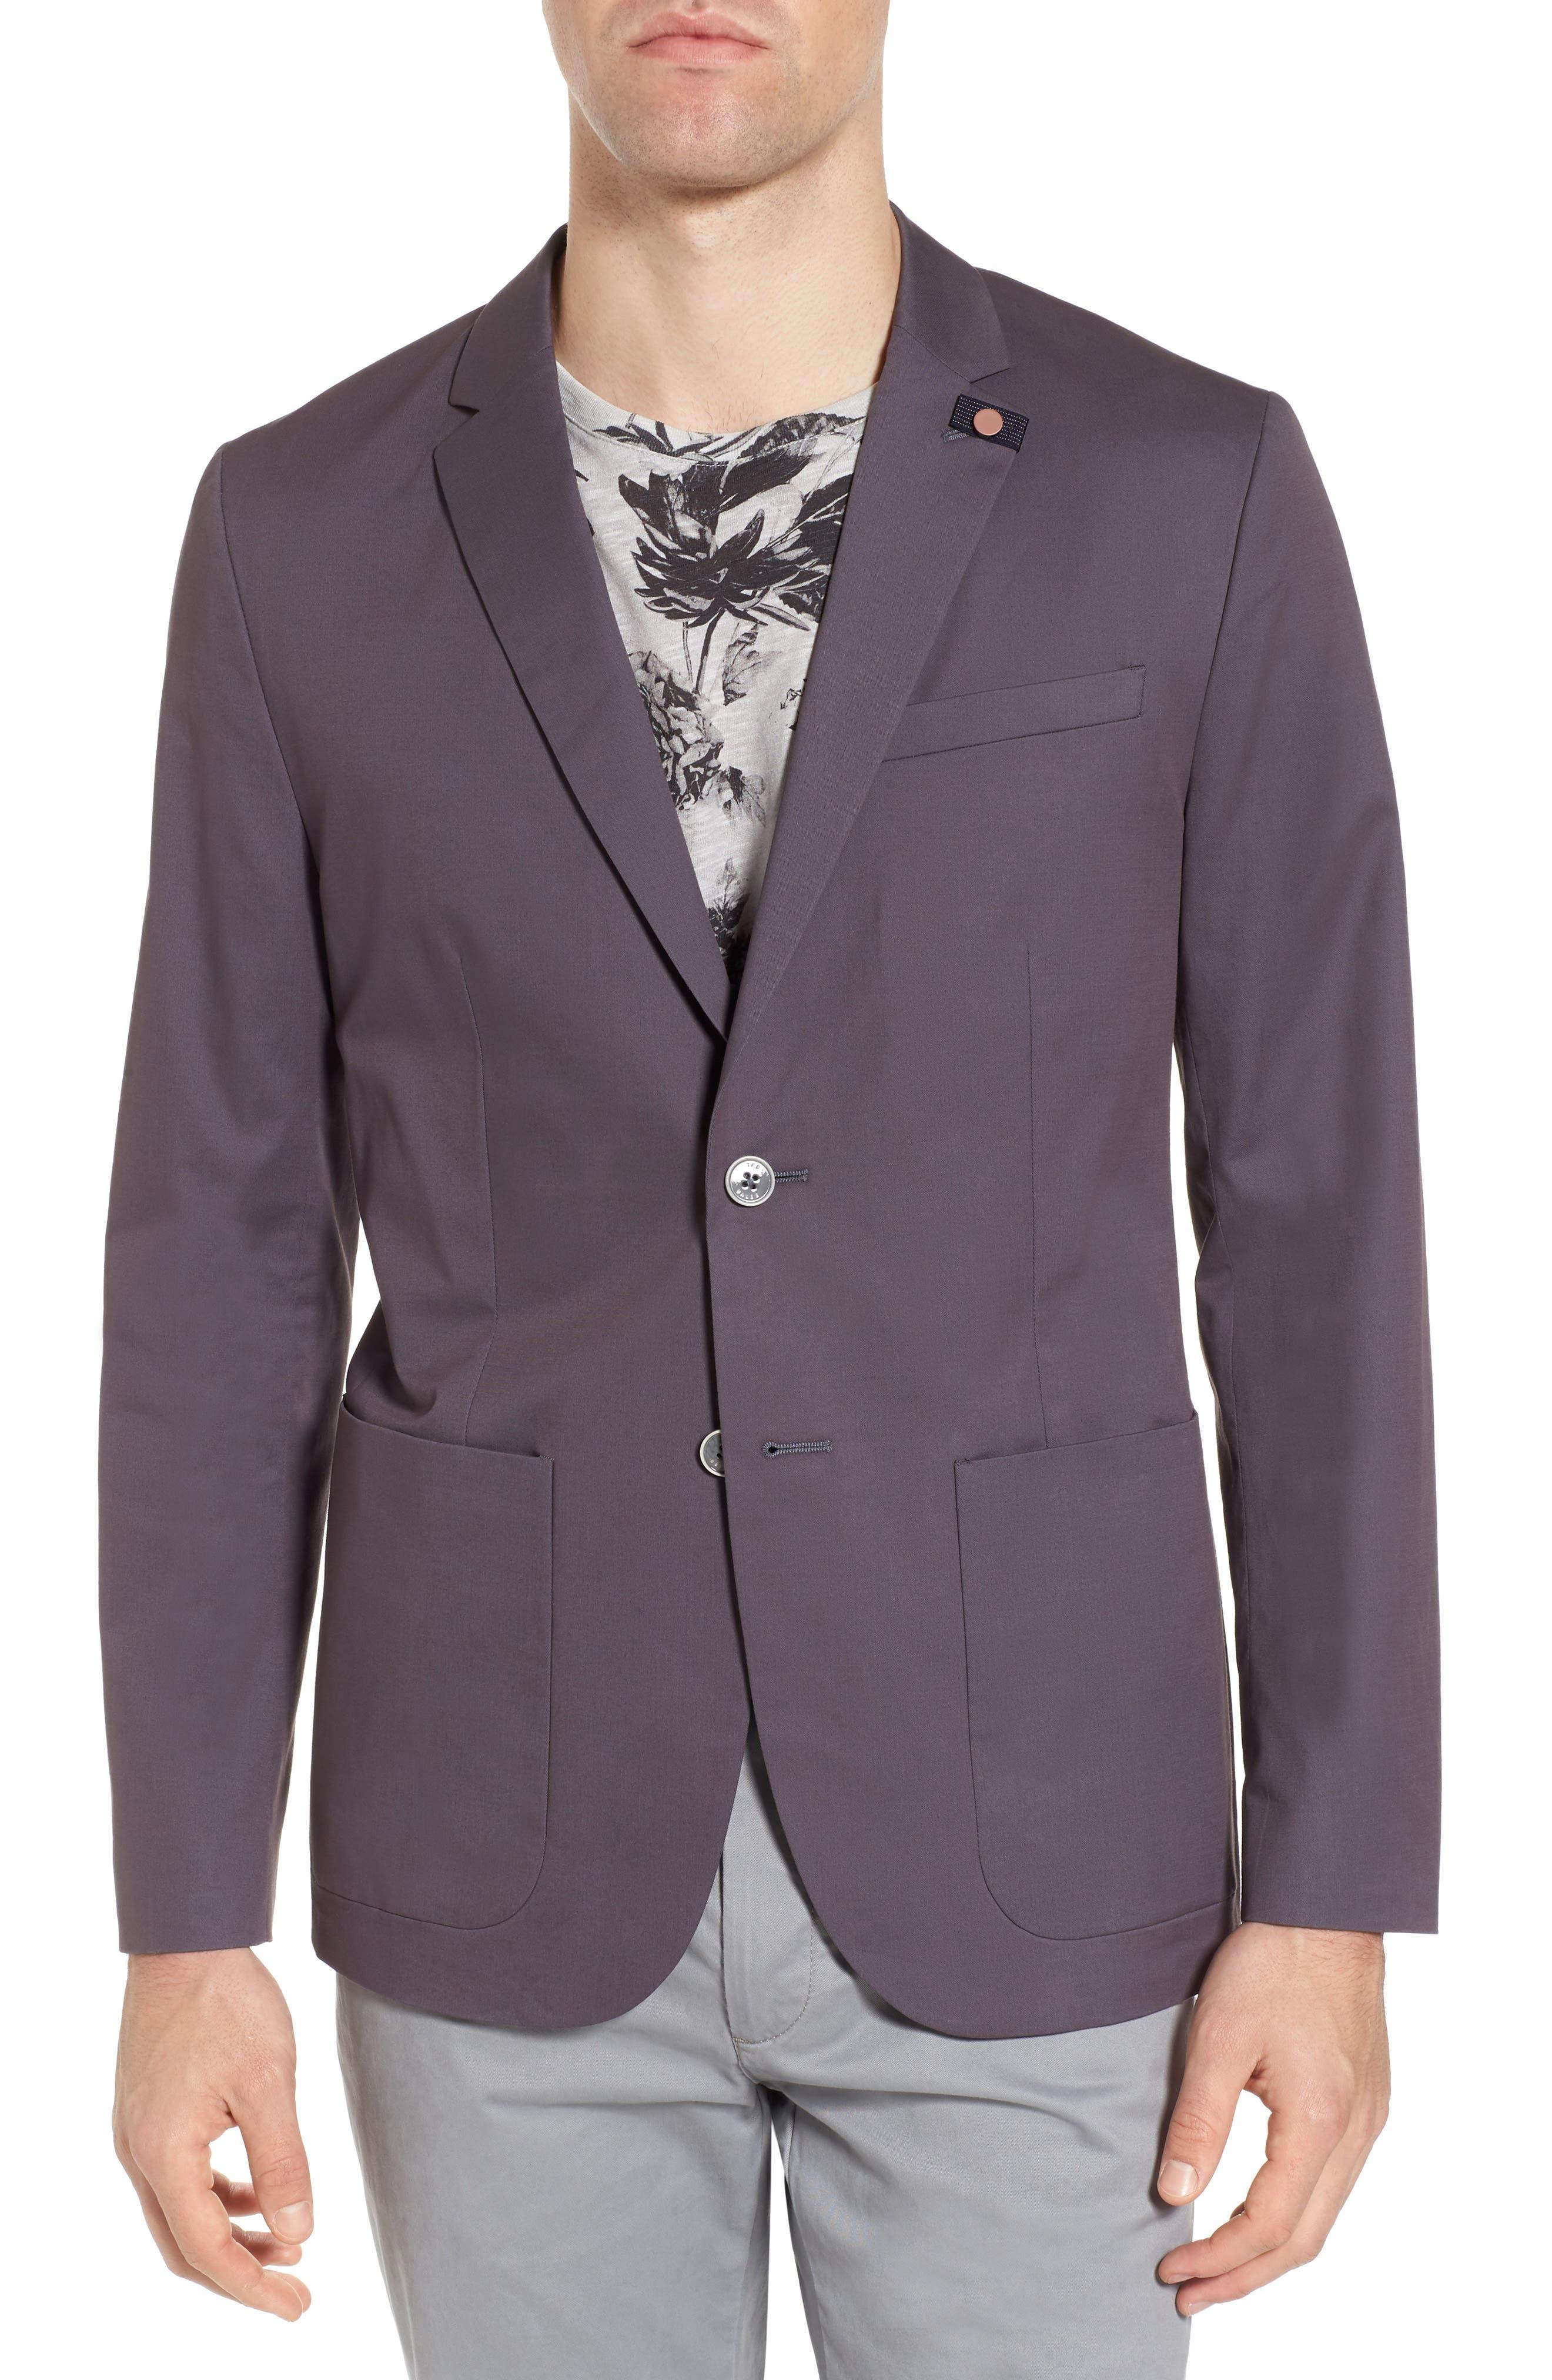 Cliford Trim Fit Stretch Cotton Blazer,                             Main thumbnail 1, color,                             Light Grey